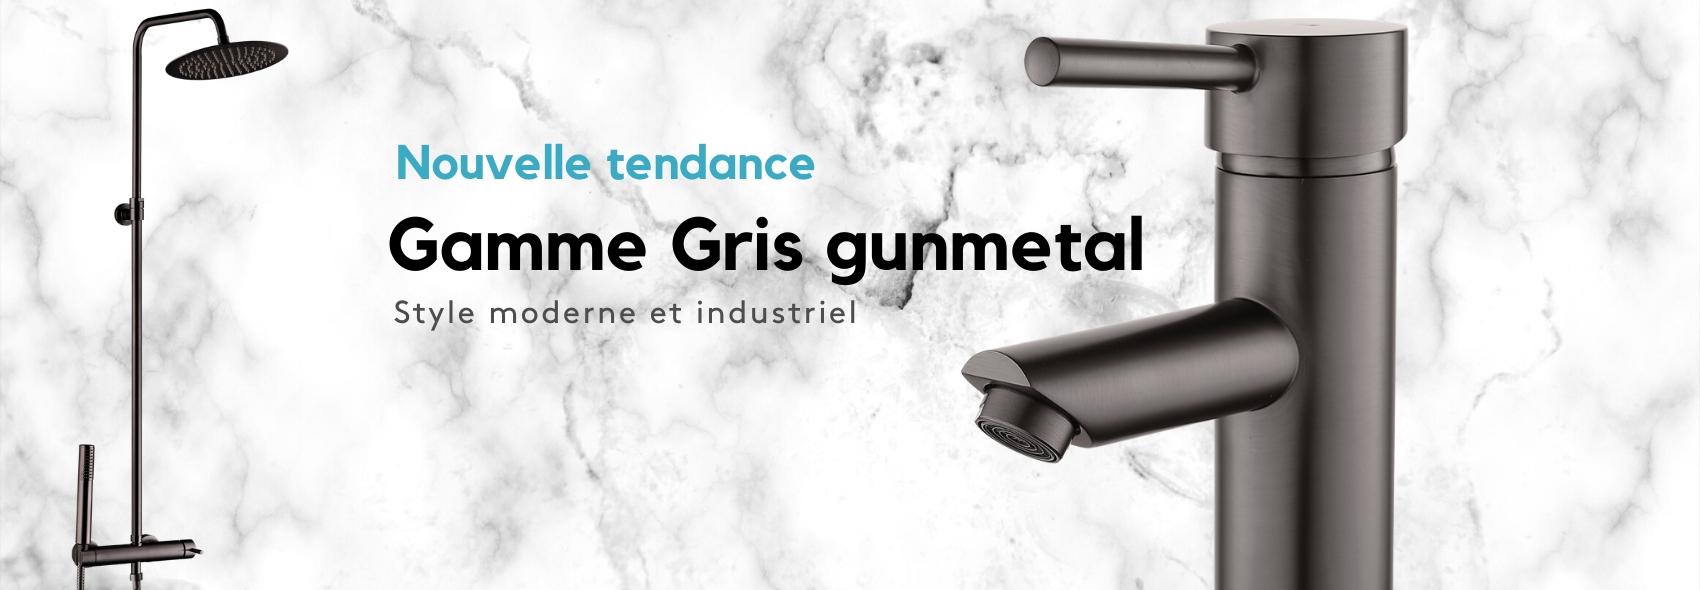 Univers gris gun métal